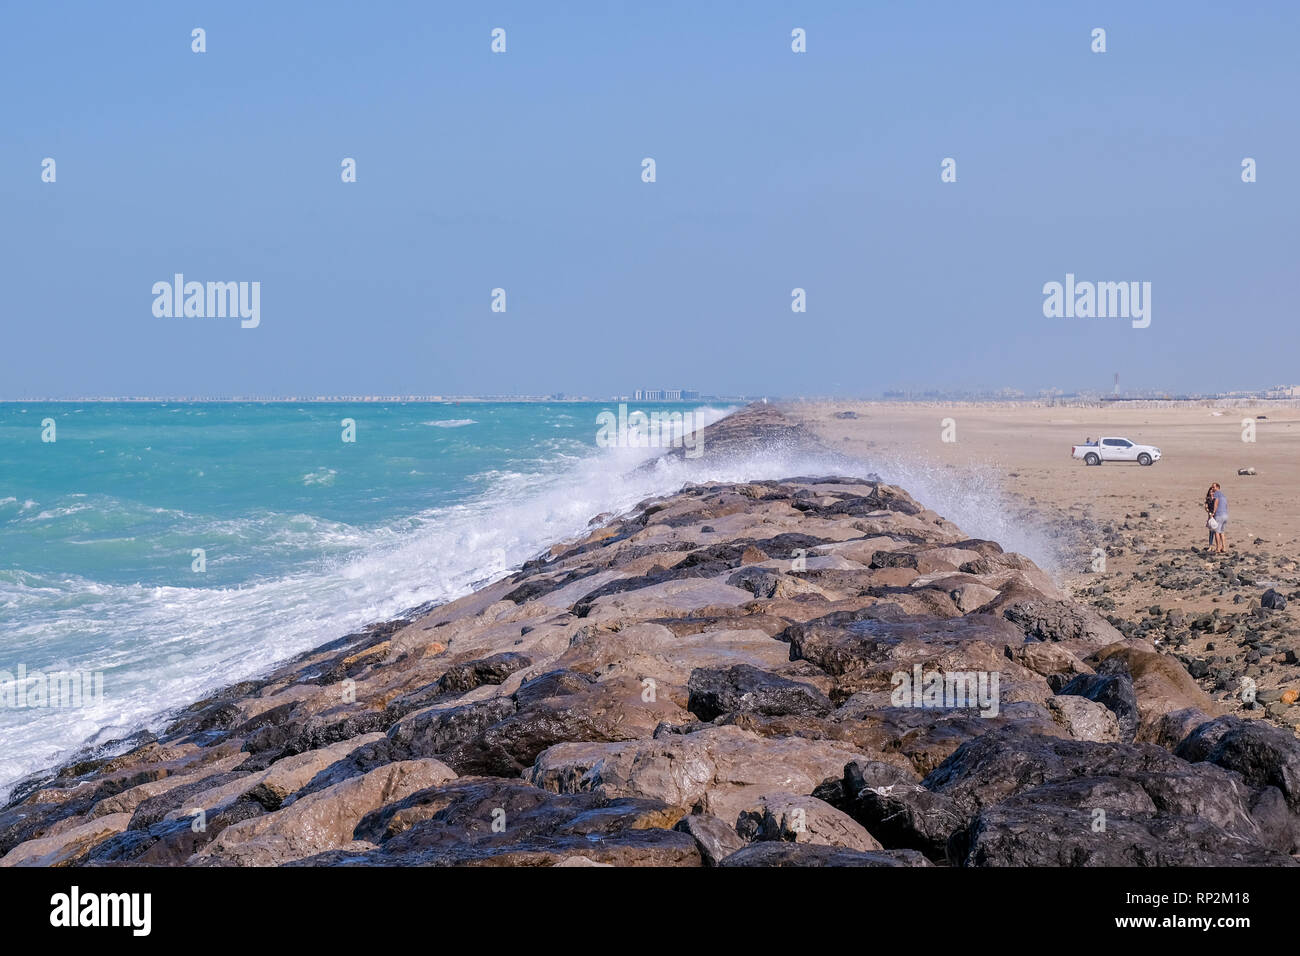 Abu Dhabi, UAE  20th February 2019  High wind and rough sea